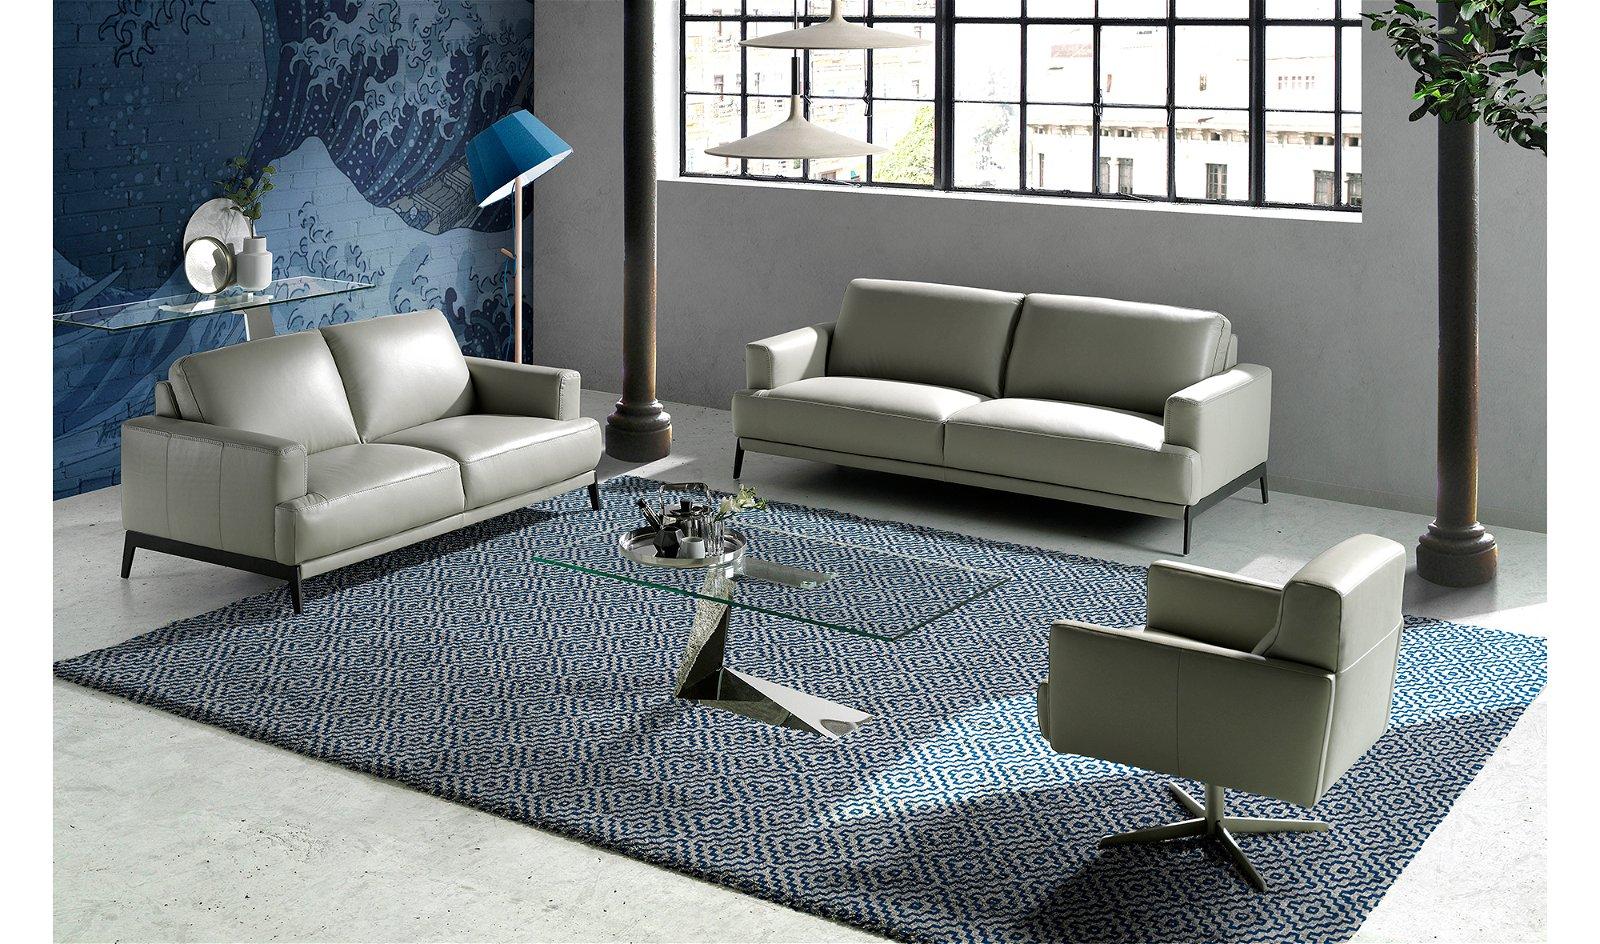 Sofá moderno Piel y acero Otranto